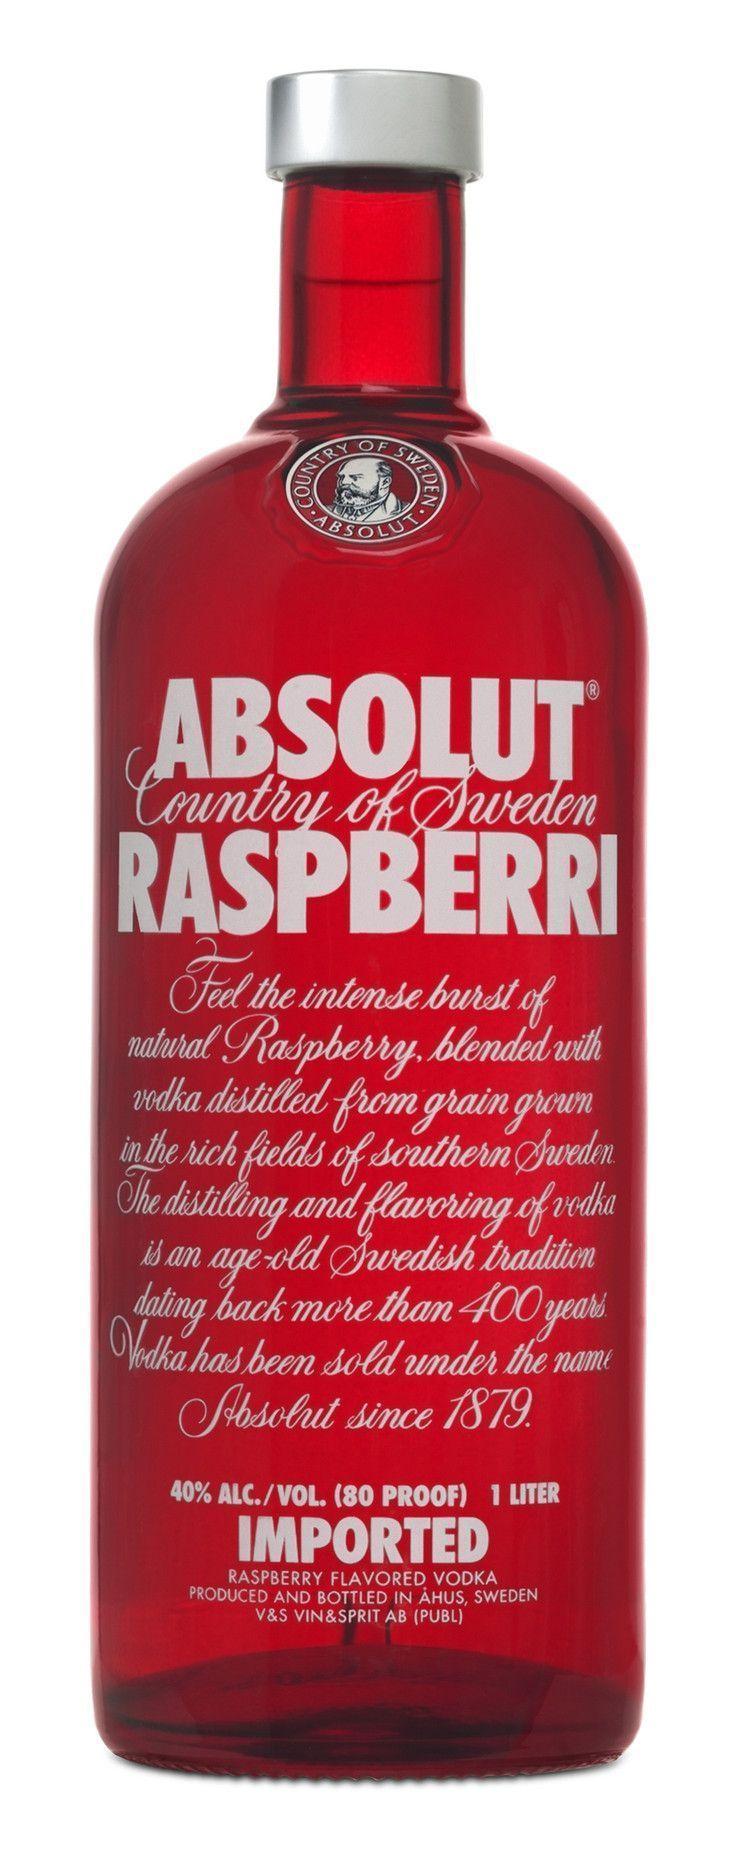 Absolut Raspberri Absolut Raspberri Novo Absolut Raspberri Absolut Raspberri New Vodka Absolut Absolut Vodka